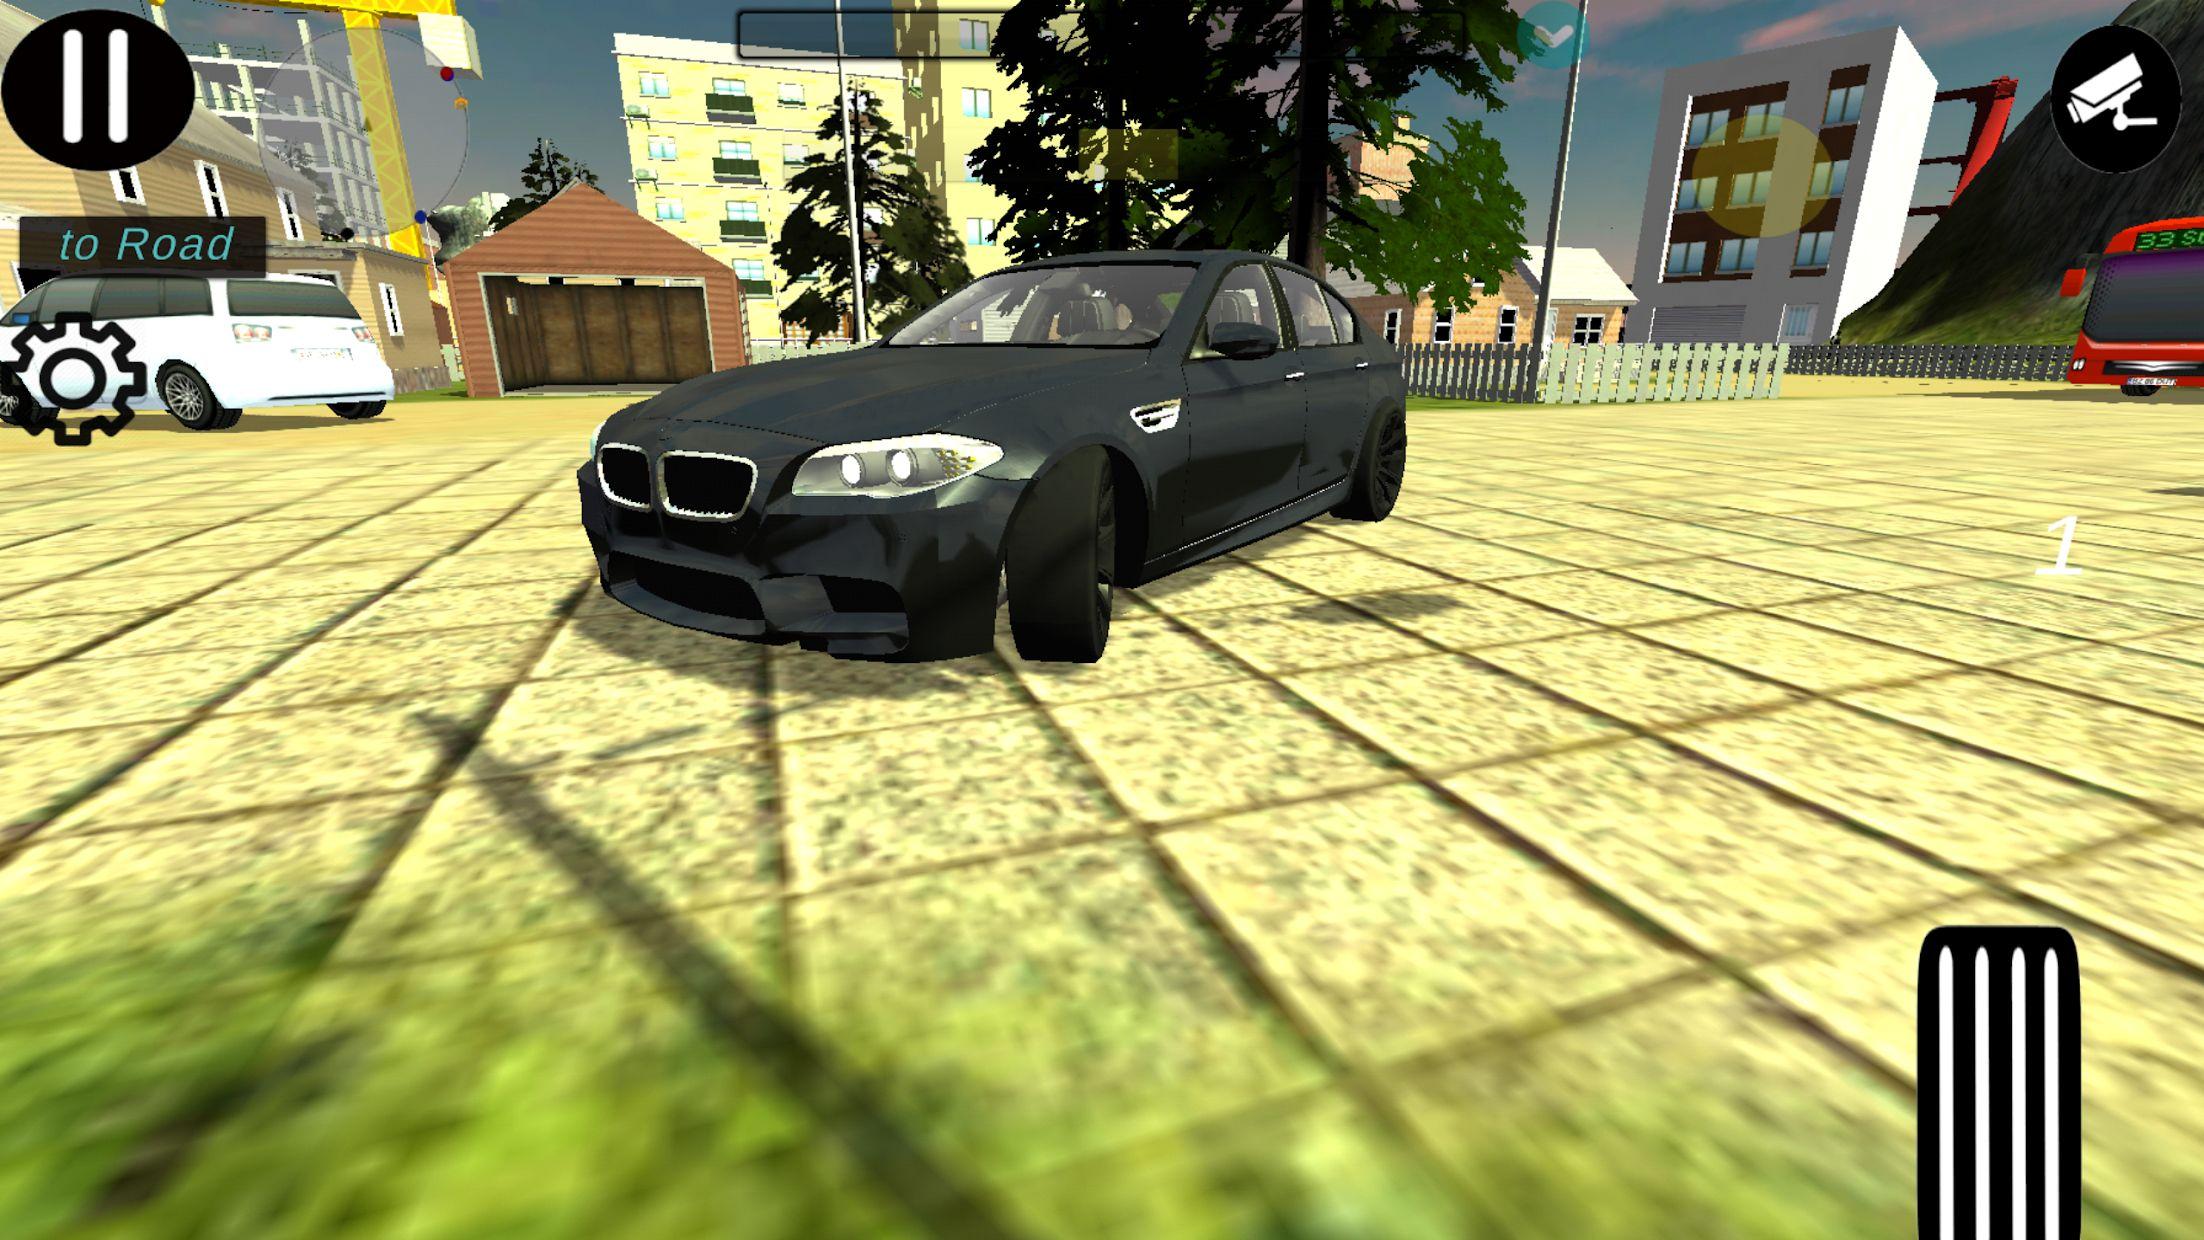 手动挡停车场 联机版(Car Parking Multiplayer) 游戏截图5